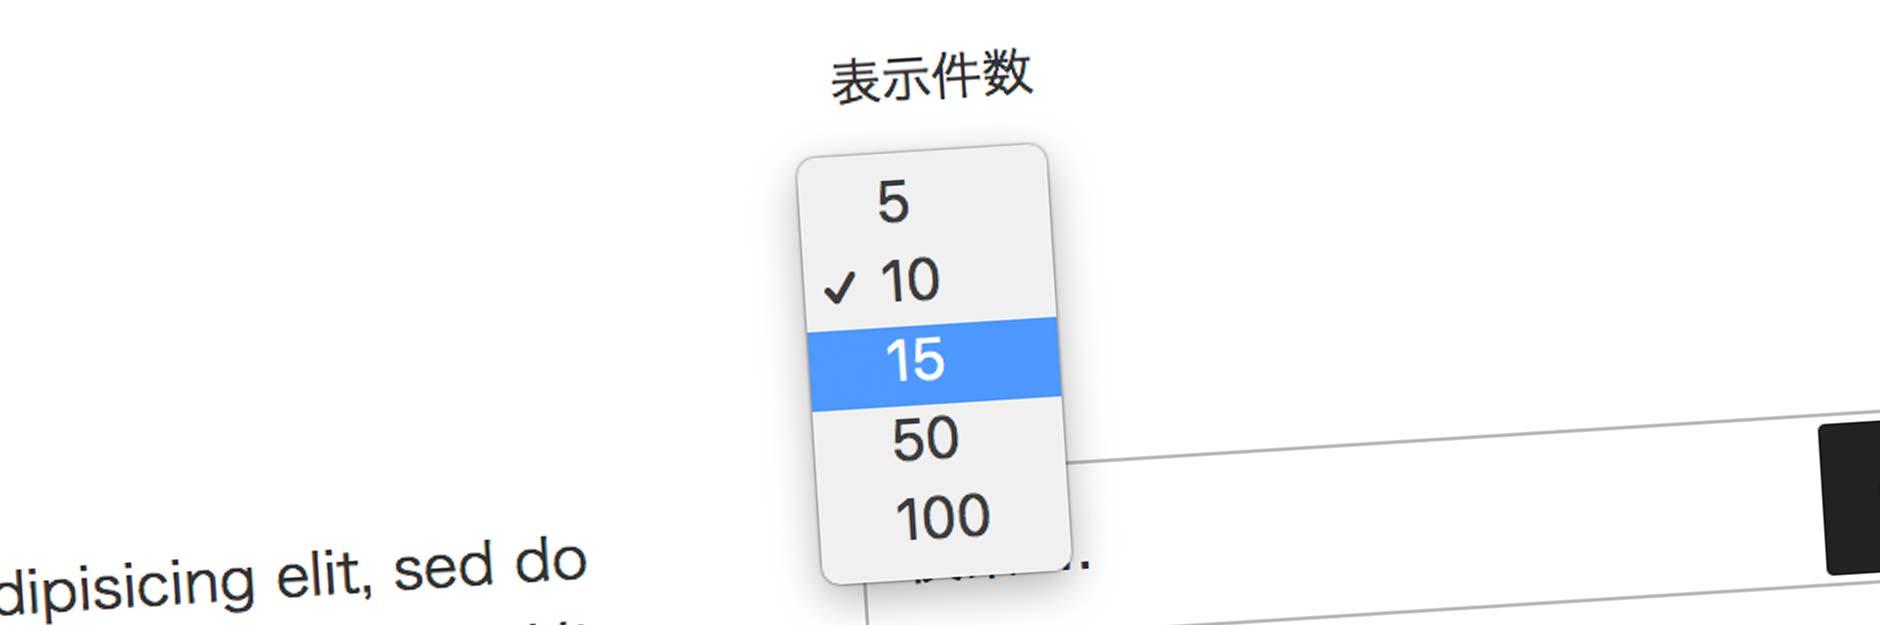 1ページに表示する最大投稿数を訪問者が変更できるプラグイン「Posts Per Page Changer UI」を公開しました。